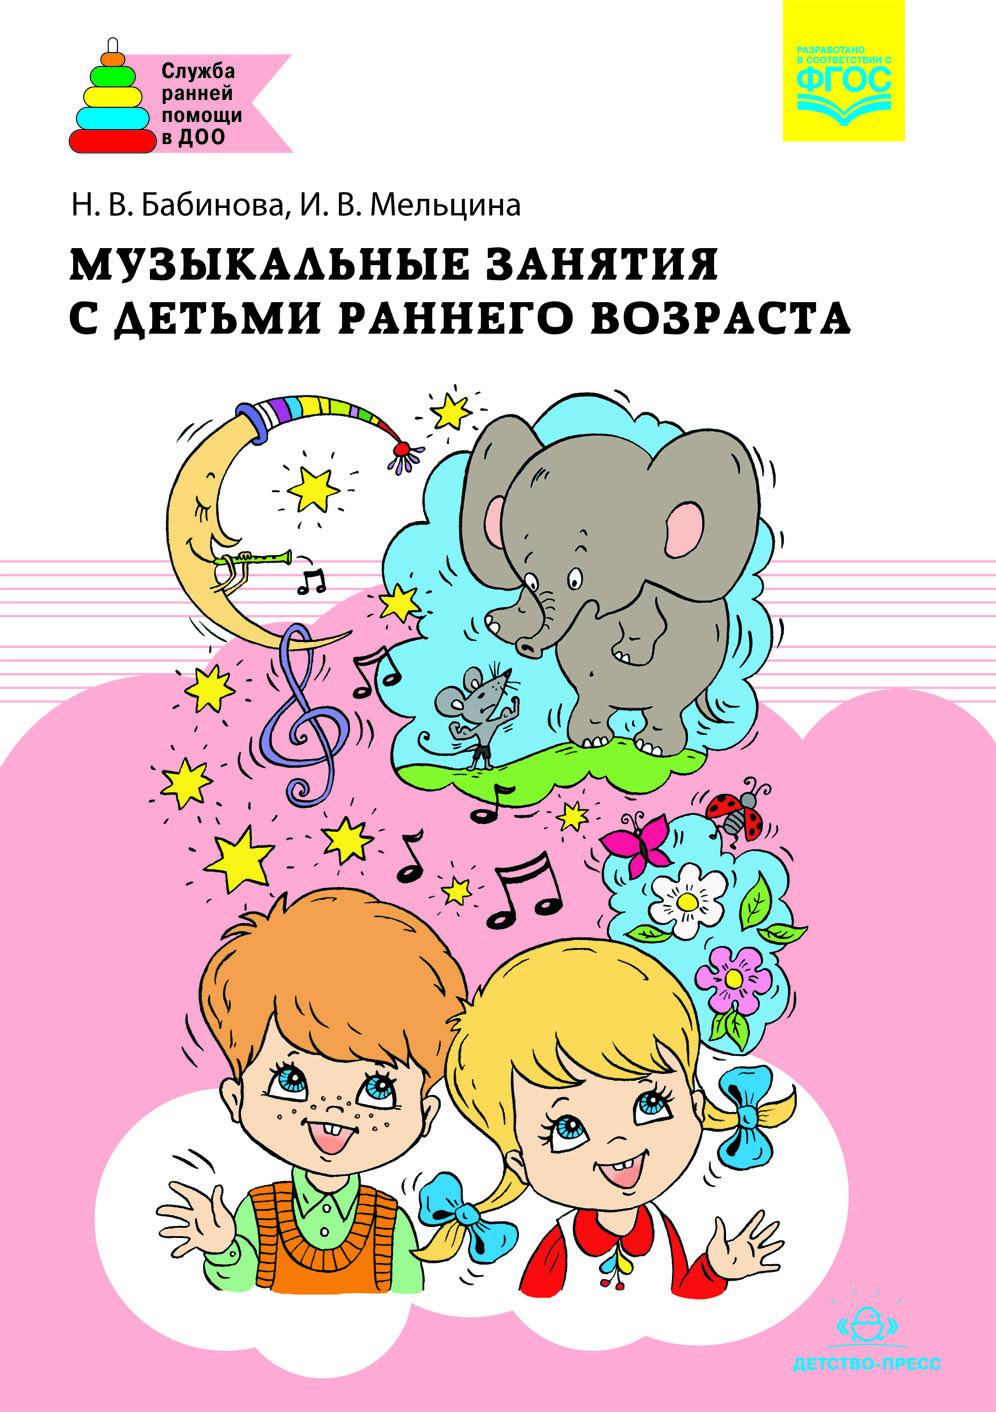 Музыкальные занятия с детьми раннего возраста. ФГОС.